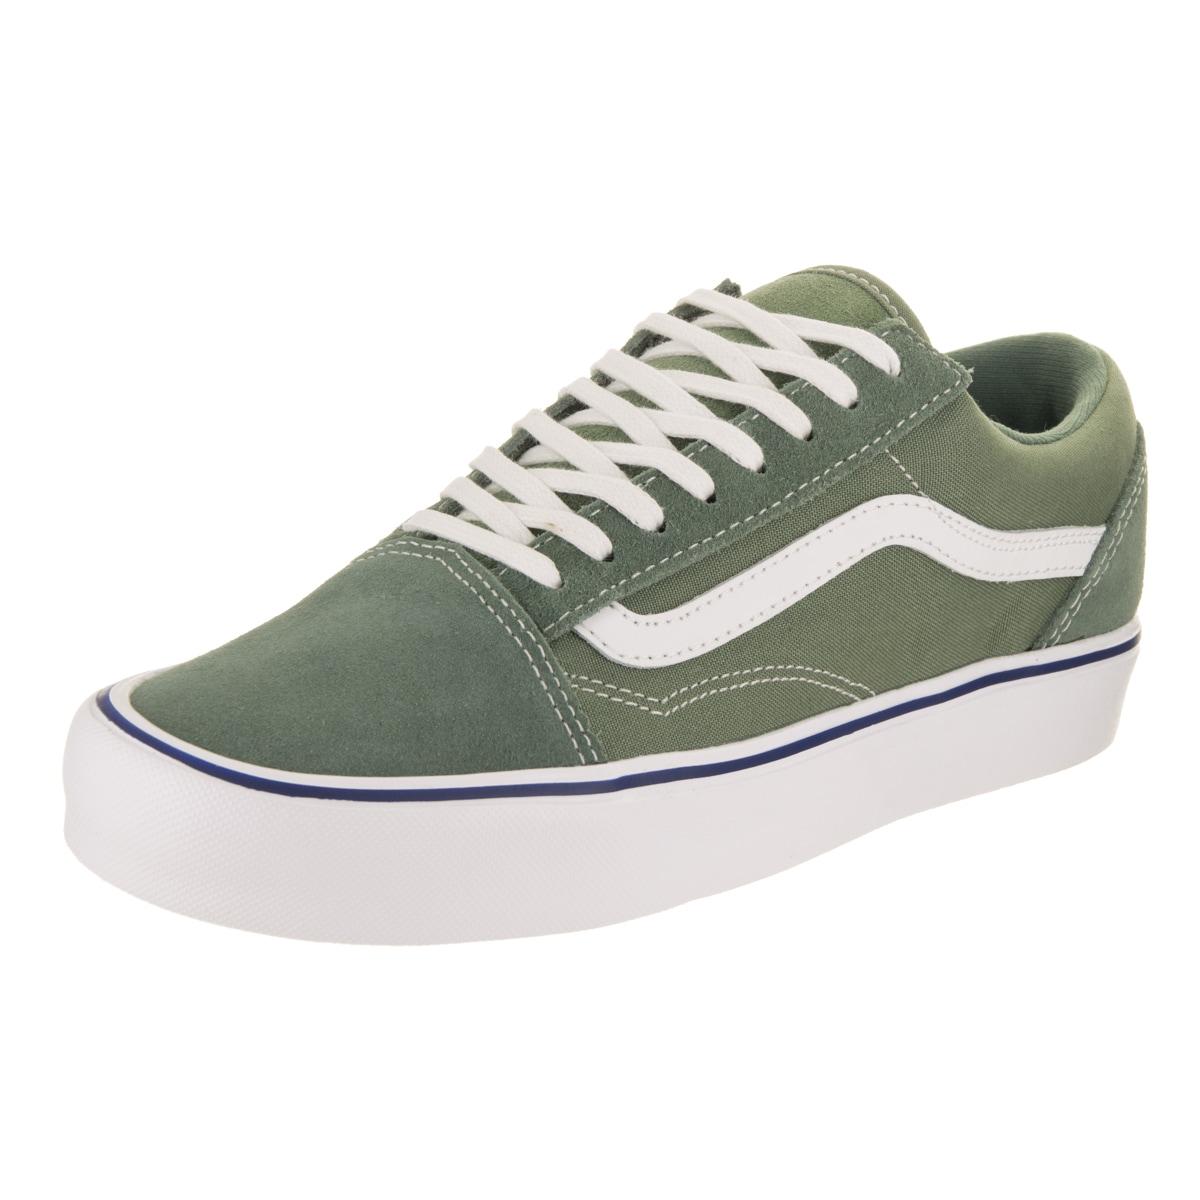 1614aa136f Vans Unisex Old Skool Lite (Throwback) Skate Shoe